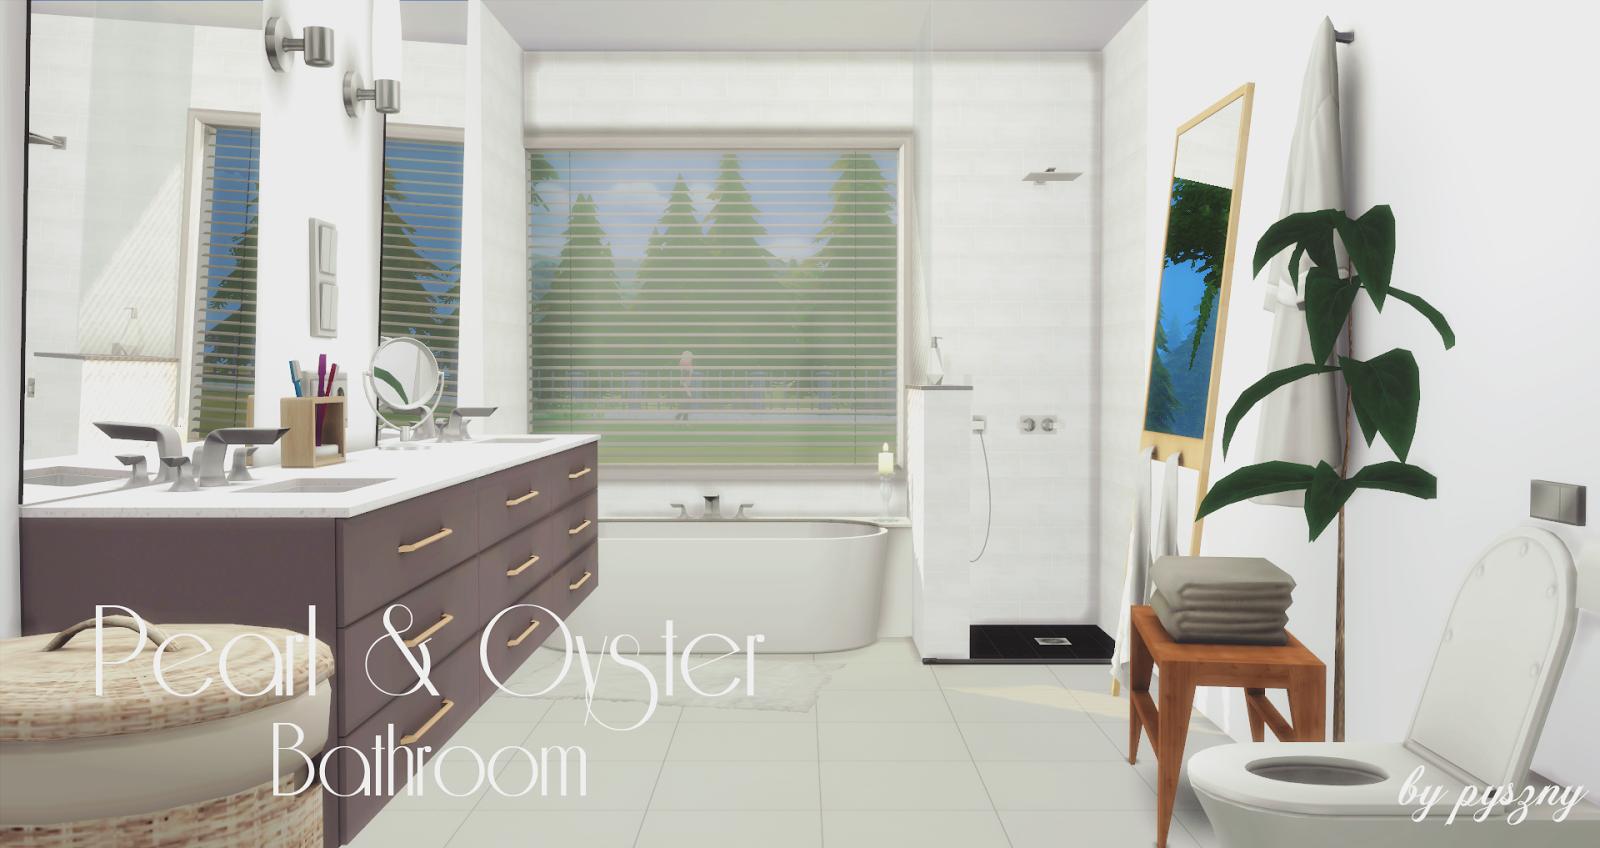 Peral & Oyster Bathroom *NEW SET* on l.a. design, setzer design, berserk design, blue sky design, pi design, ns design, er design, color design, dy design, dj design,